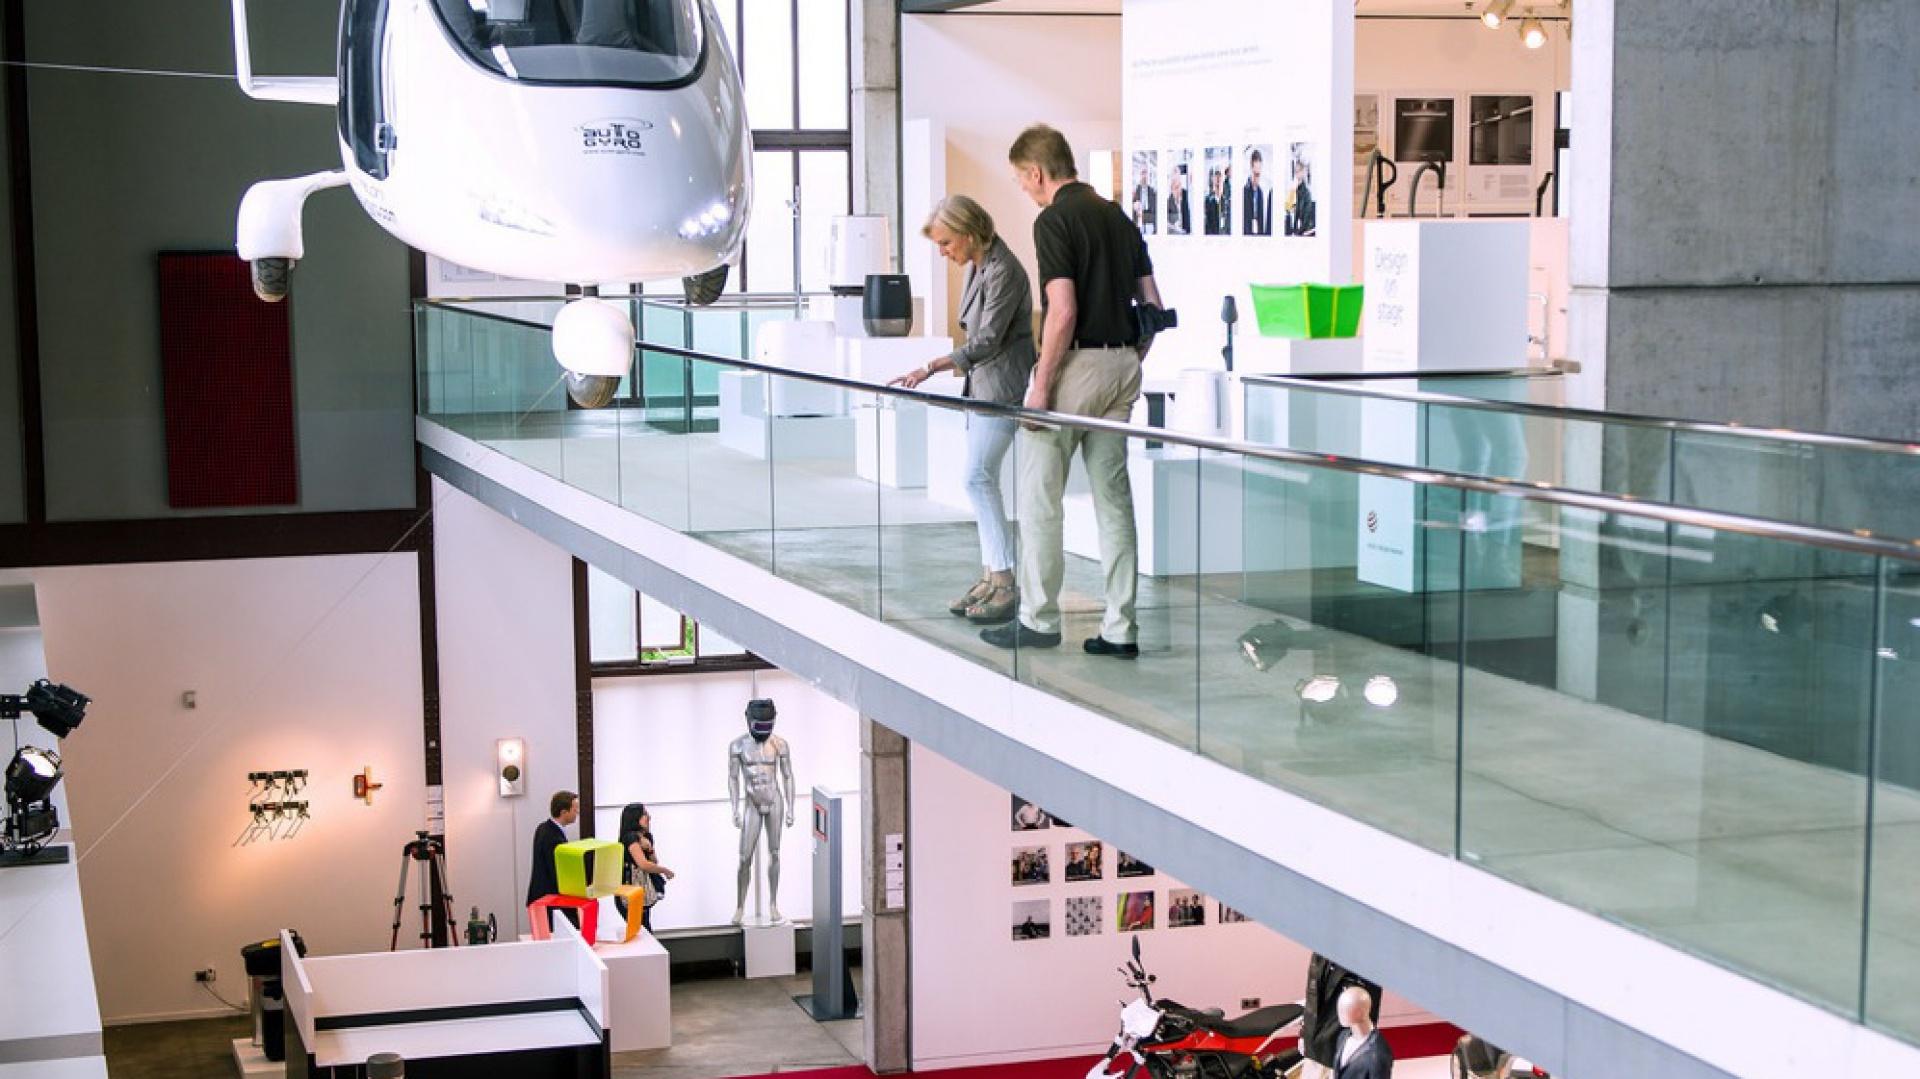 Muzeum Red Dot Design od środka. To tutaj zobaczyć można aż 2000 produktów, które zostały docenione za ich wzornictwo. Fot. Red Dot Design Museum/Ruhr Museum.